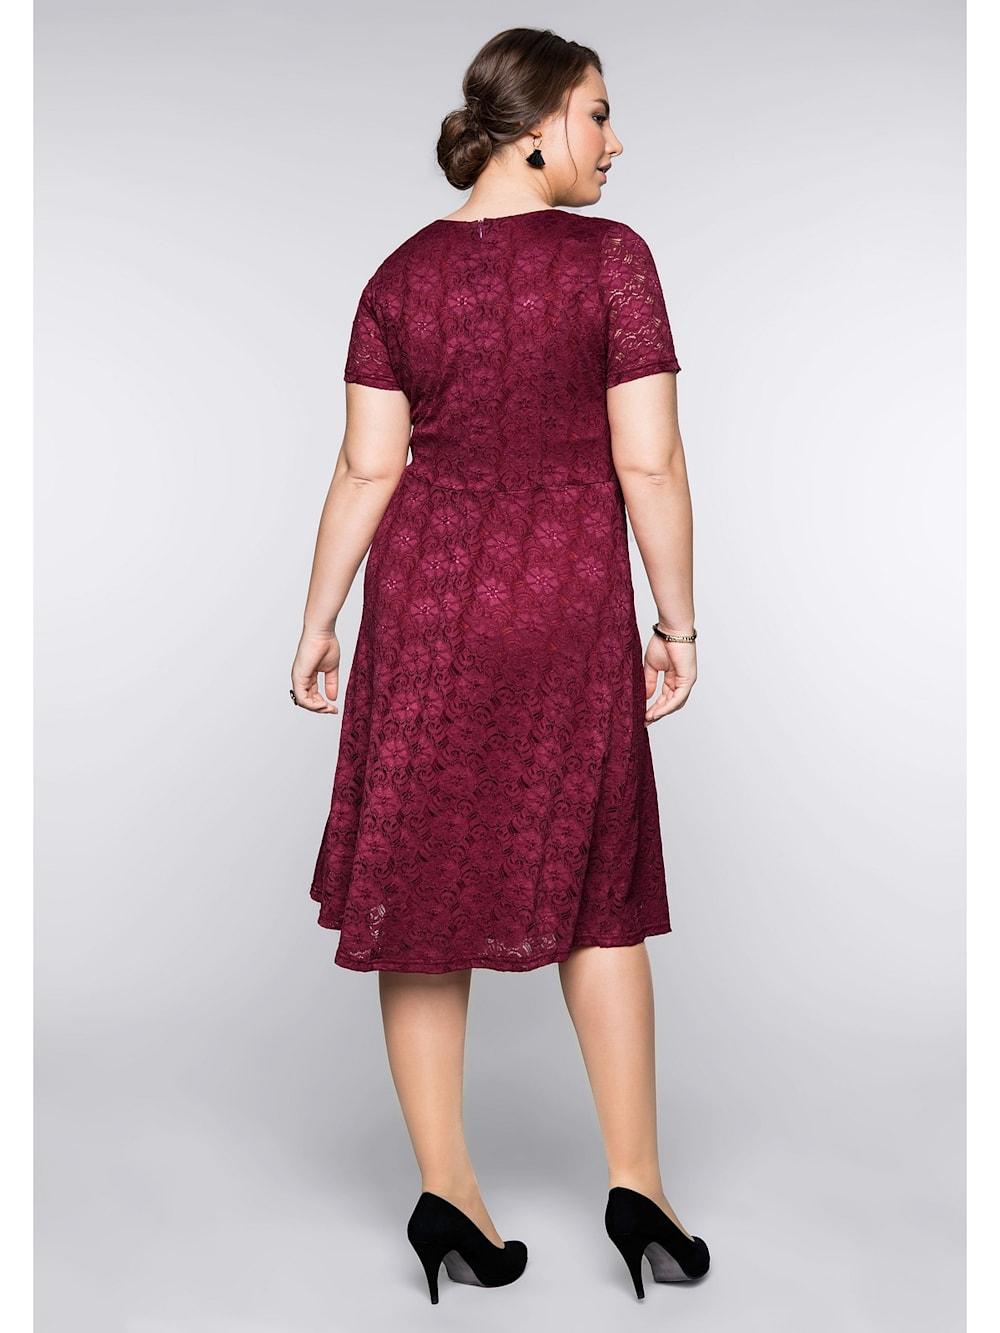 sheego sheego spitzenkleid mit bodyforming-effekt und innenkleid | happy  size